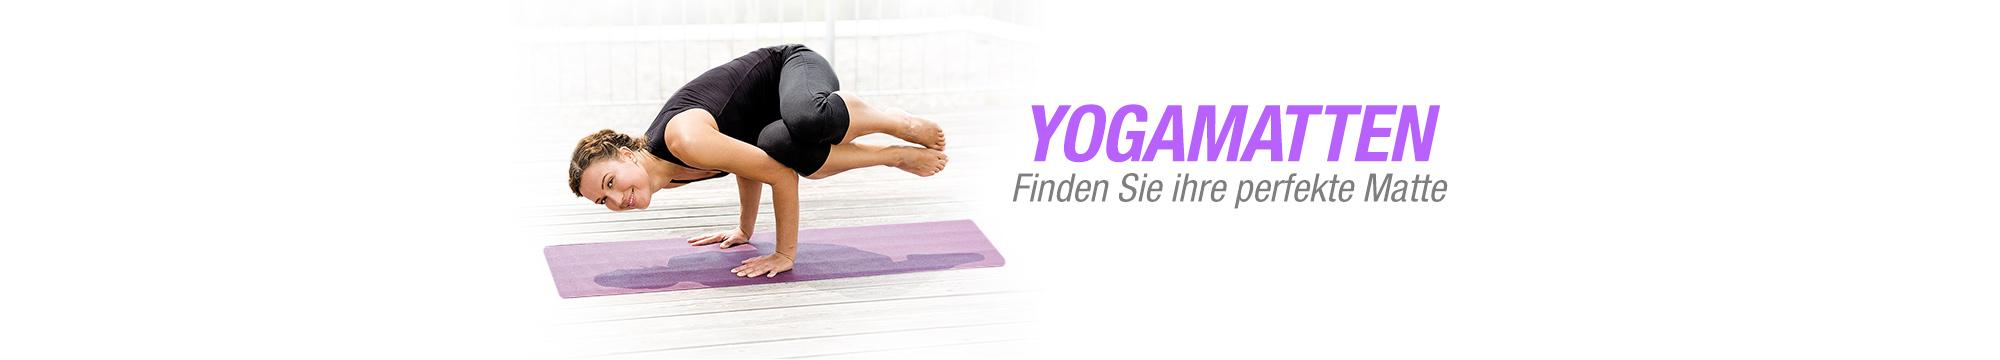 yoga matten gurte bl cke und mehr im online shop. Black Bedroom Furniture Sets. Home Design Ideas